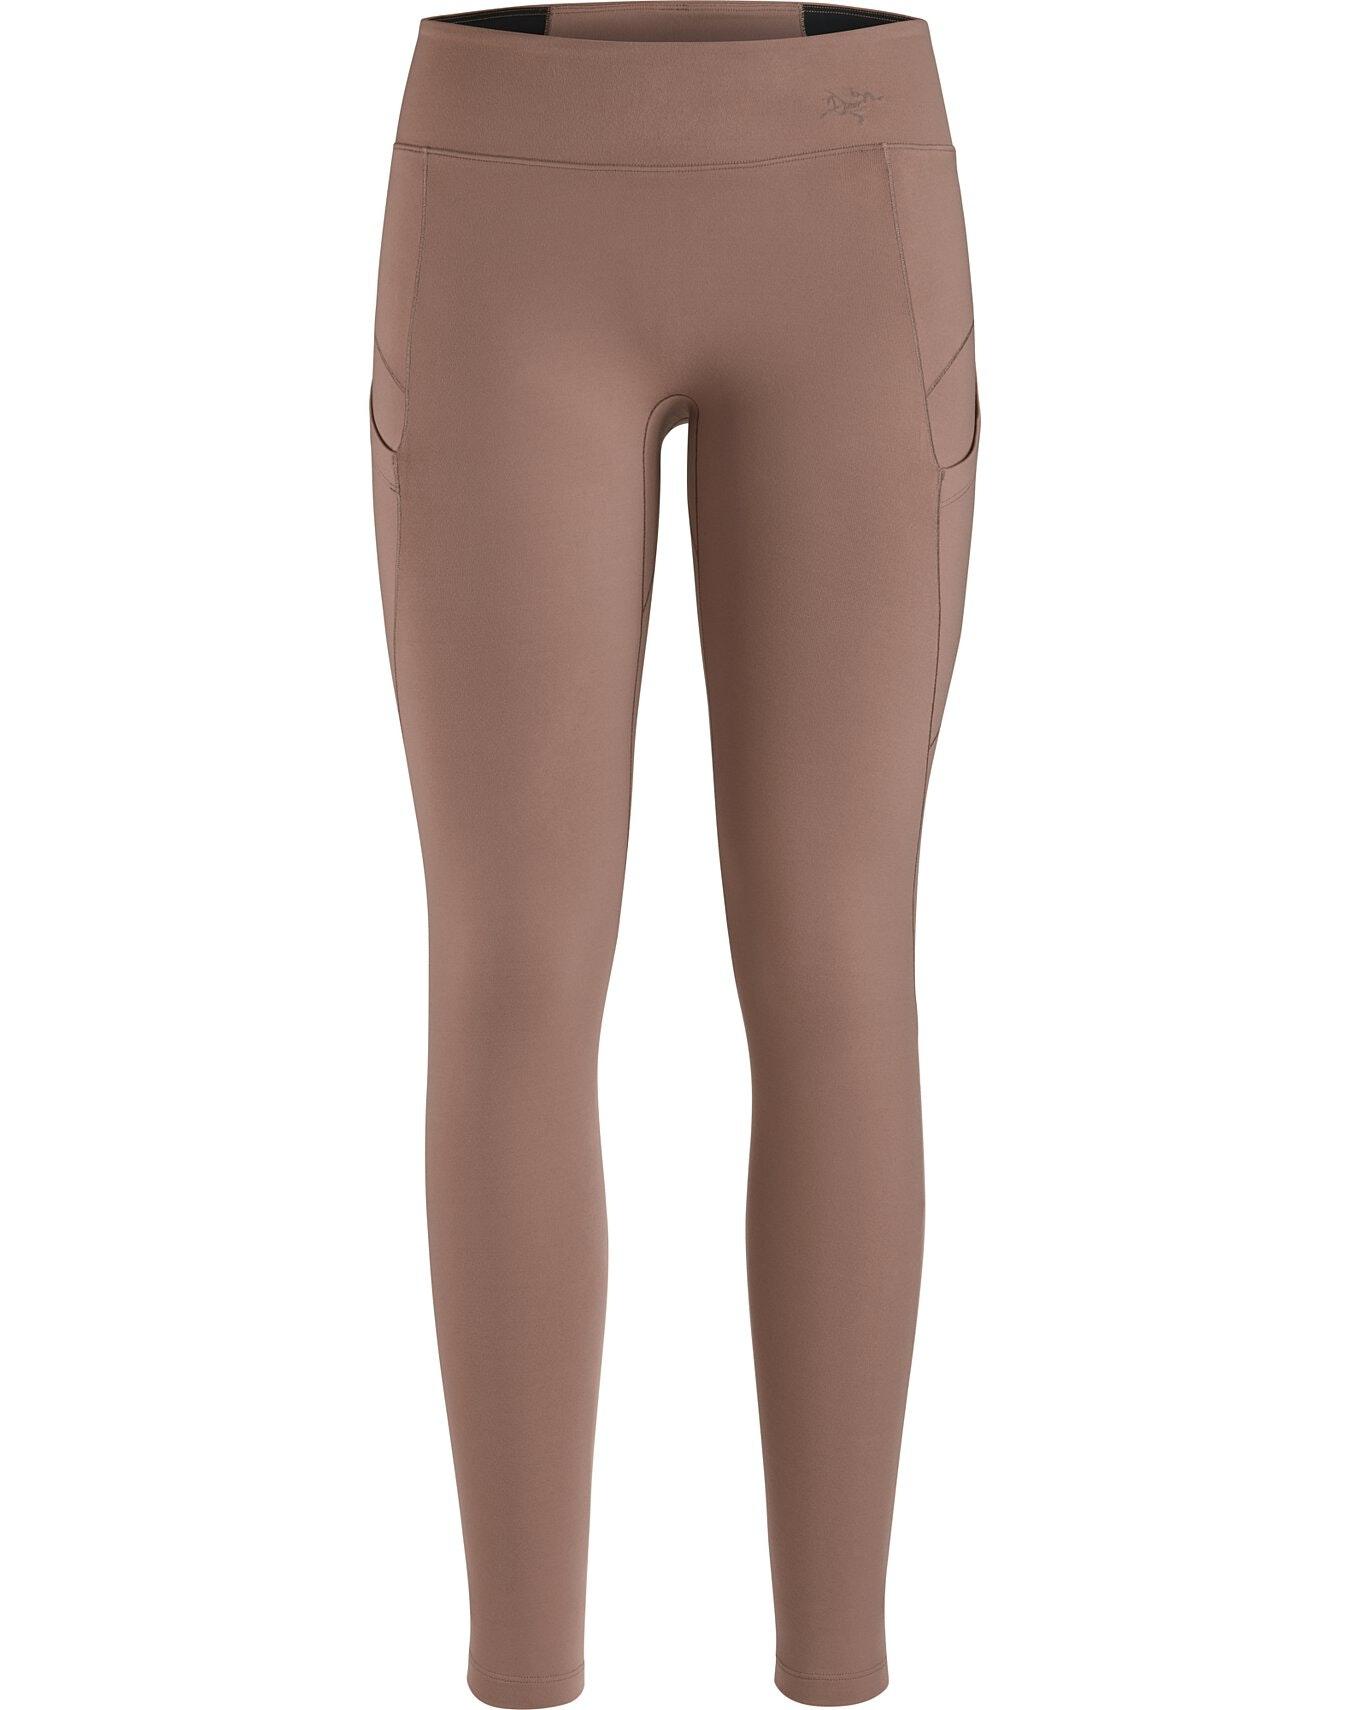 Delaney Legging Womens Arc Teryx